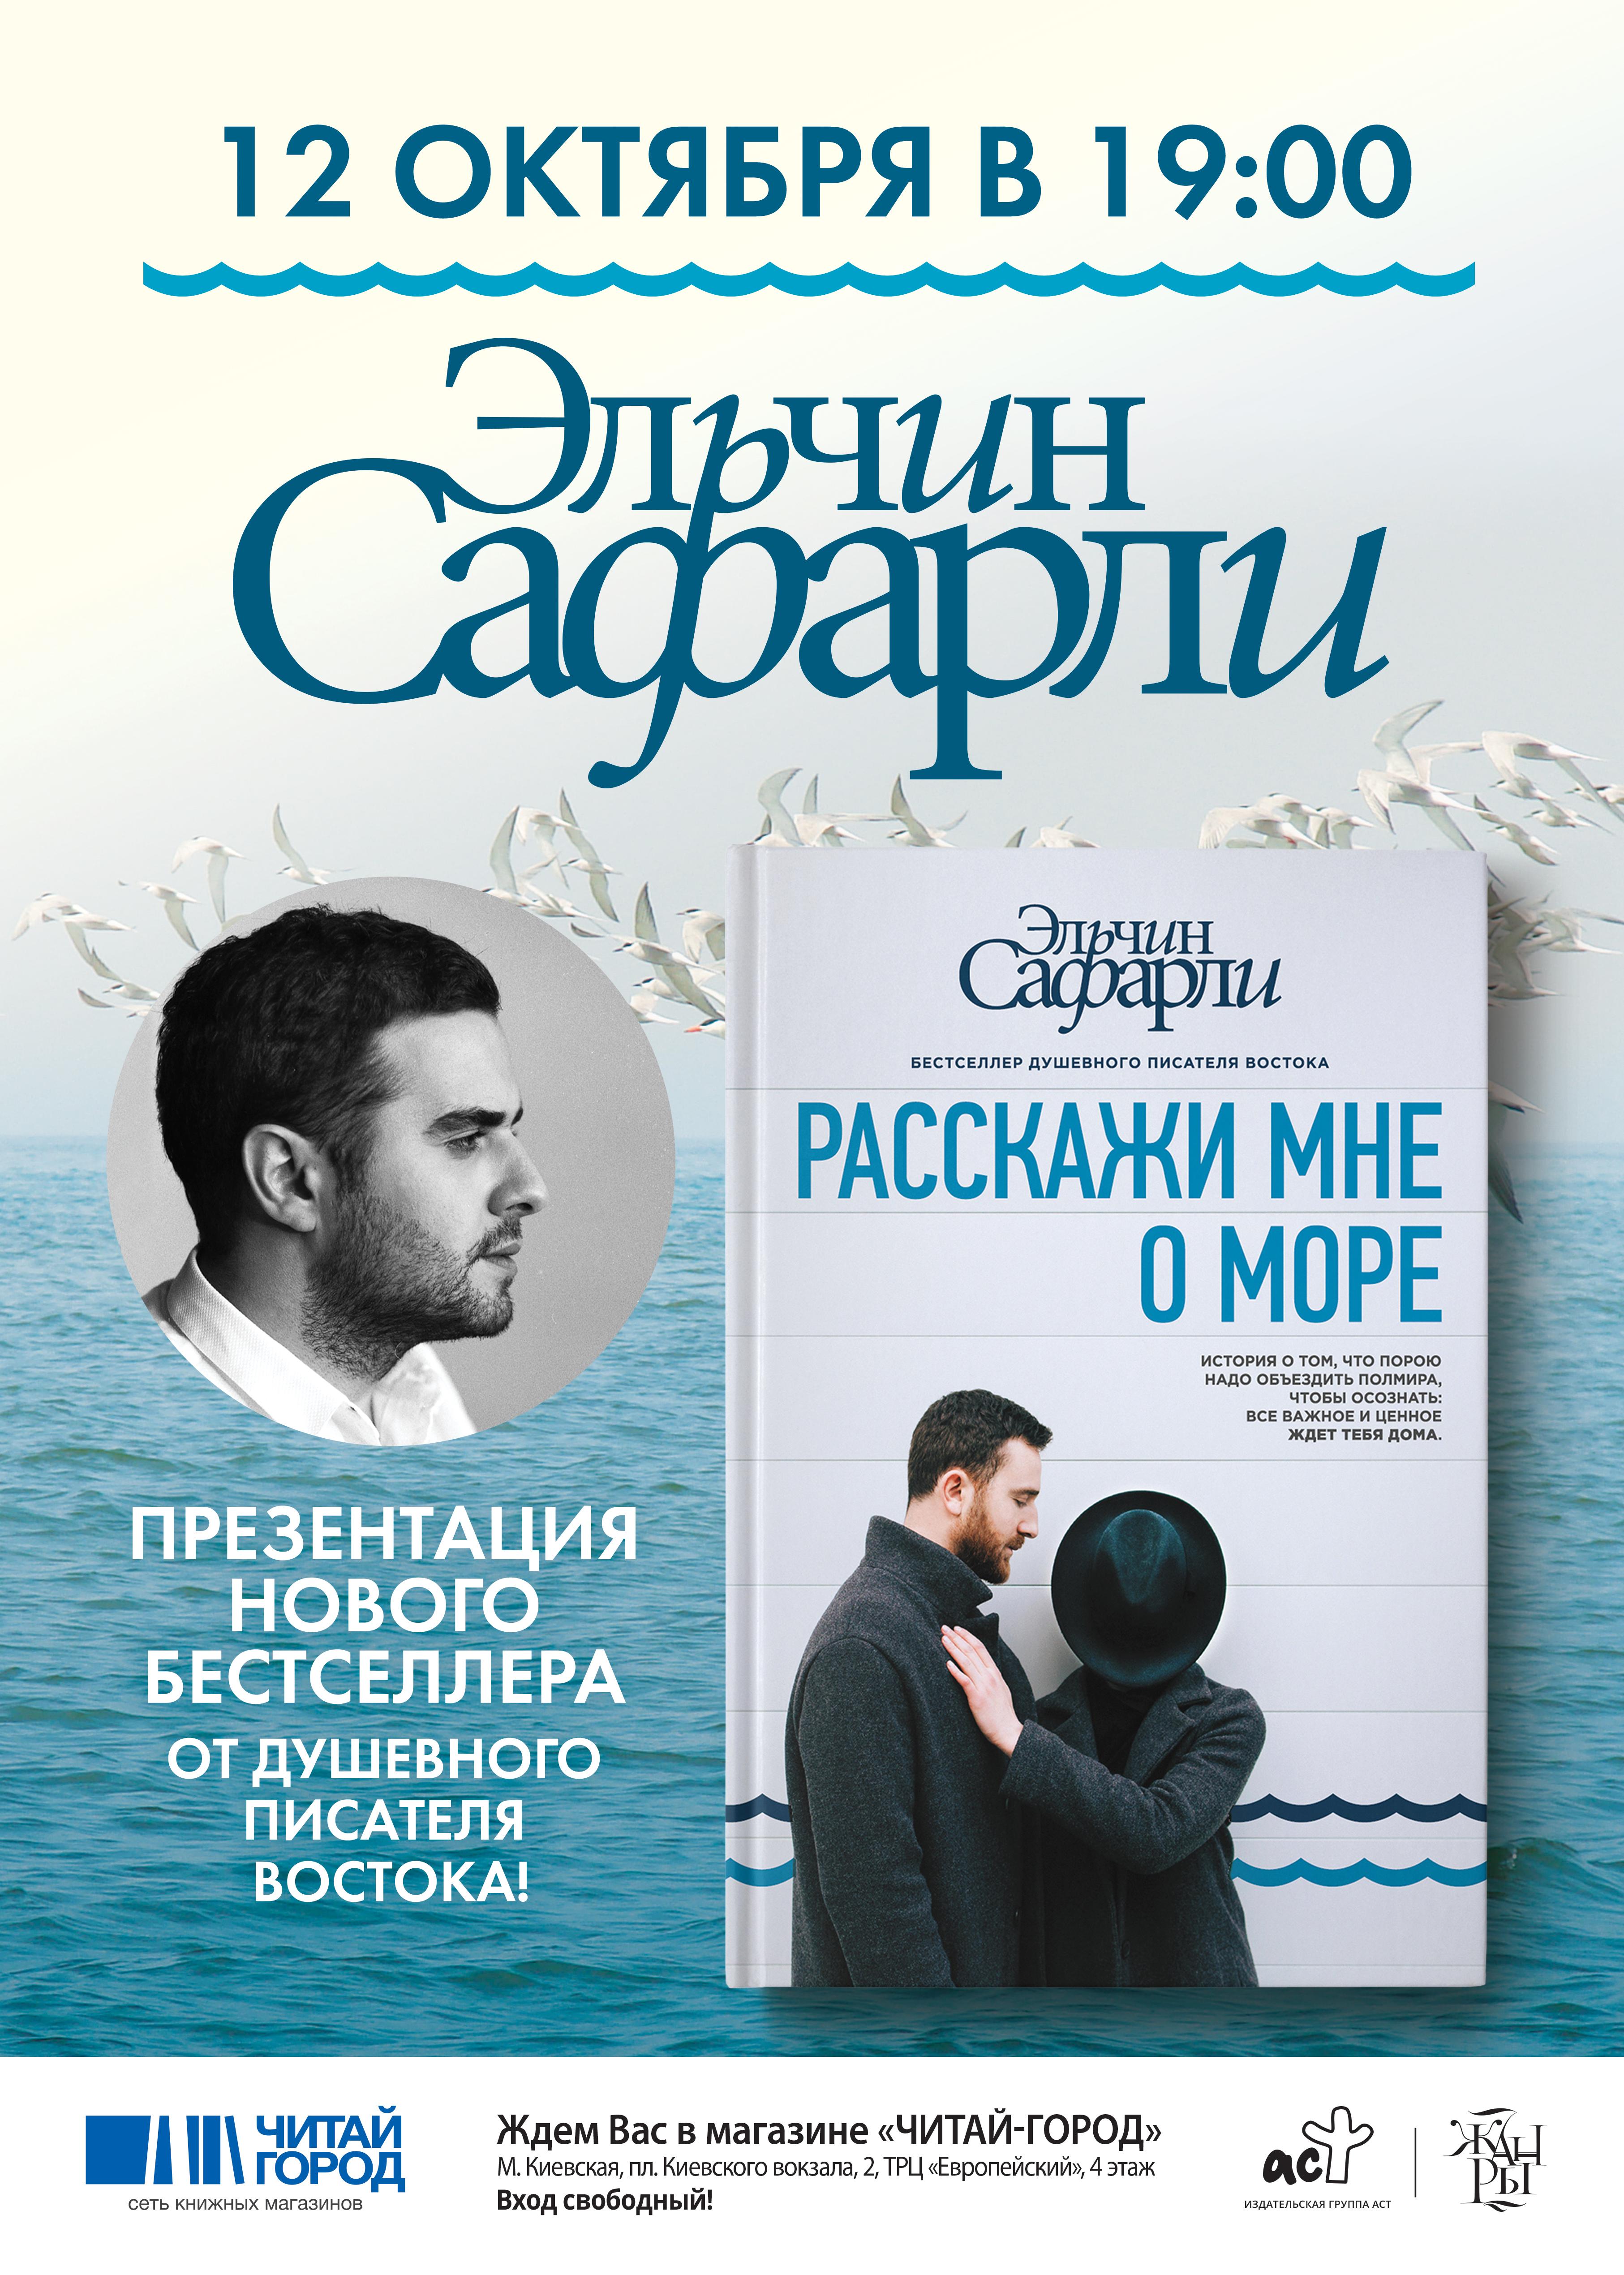 поиск, расскажи мне о море читать онлайн полностью сайте найдено Людмила